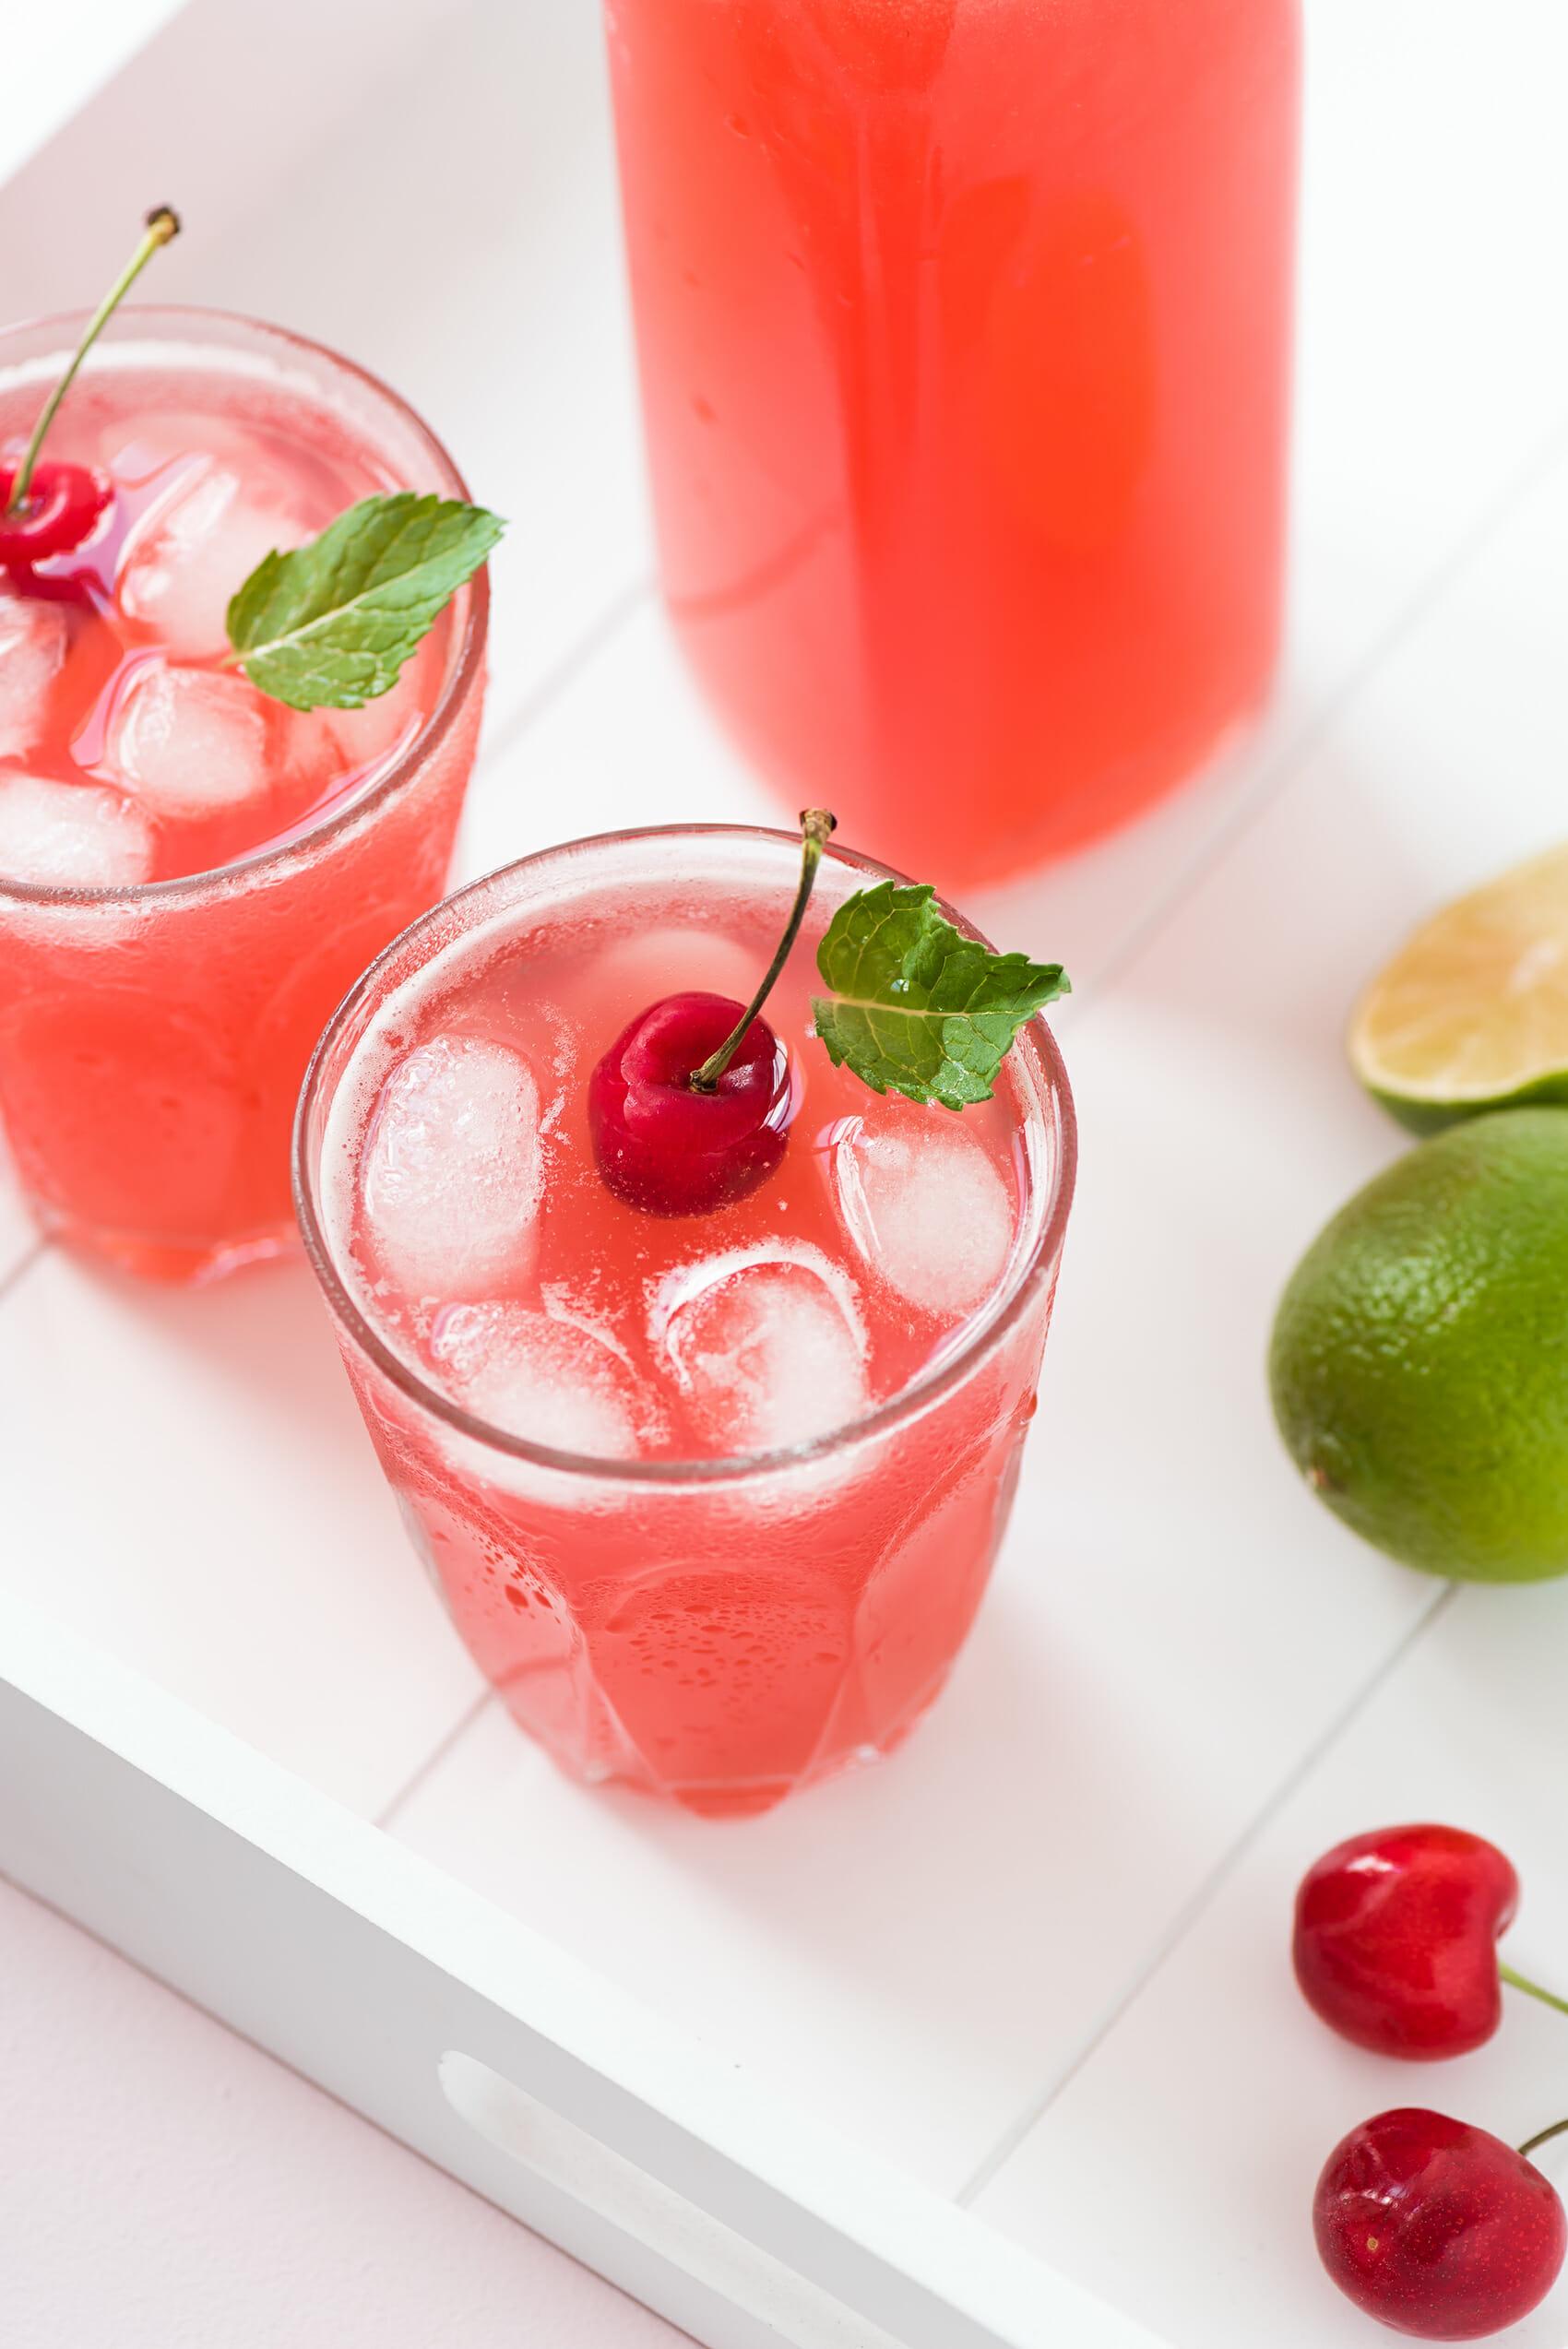 Limonade Cerise & Citron Vert | Lilie Bakery